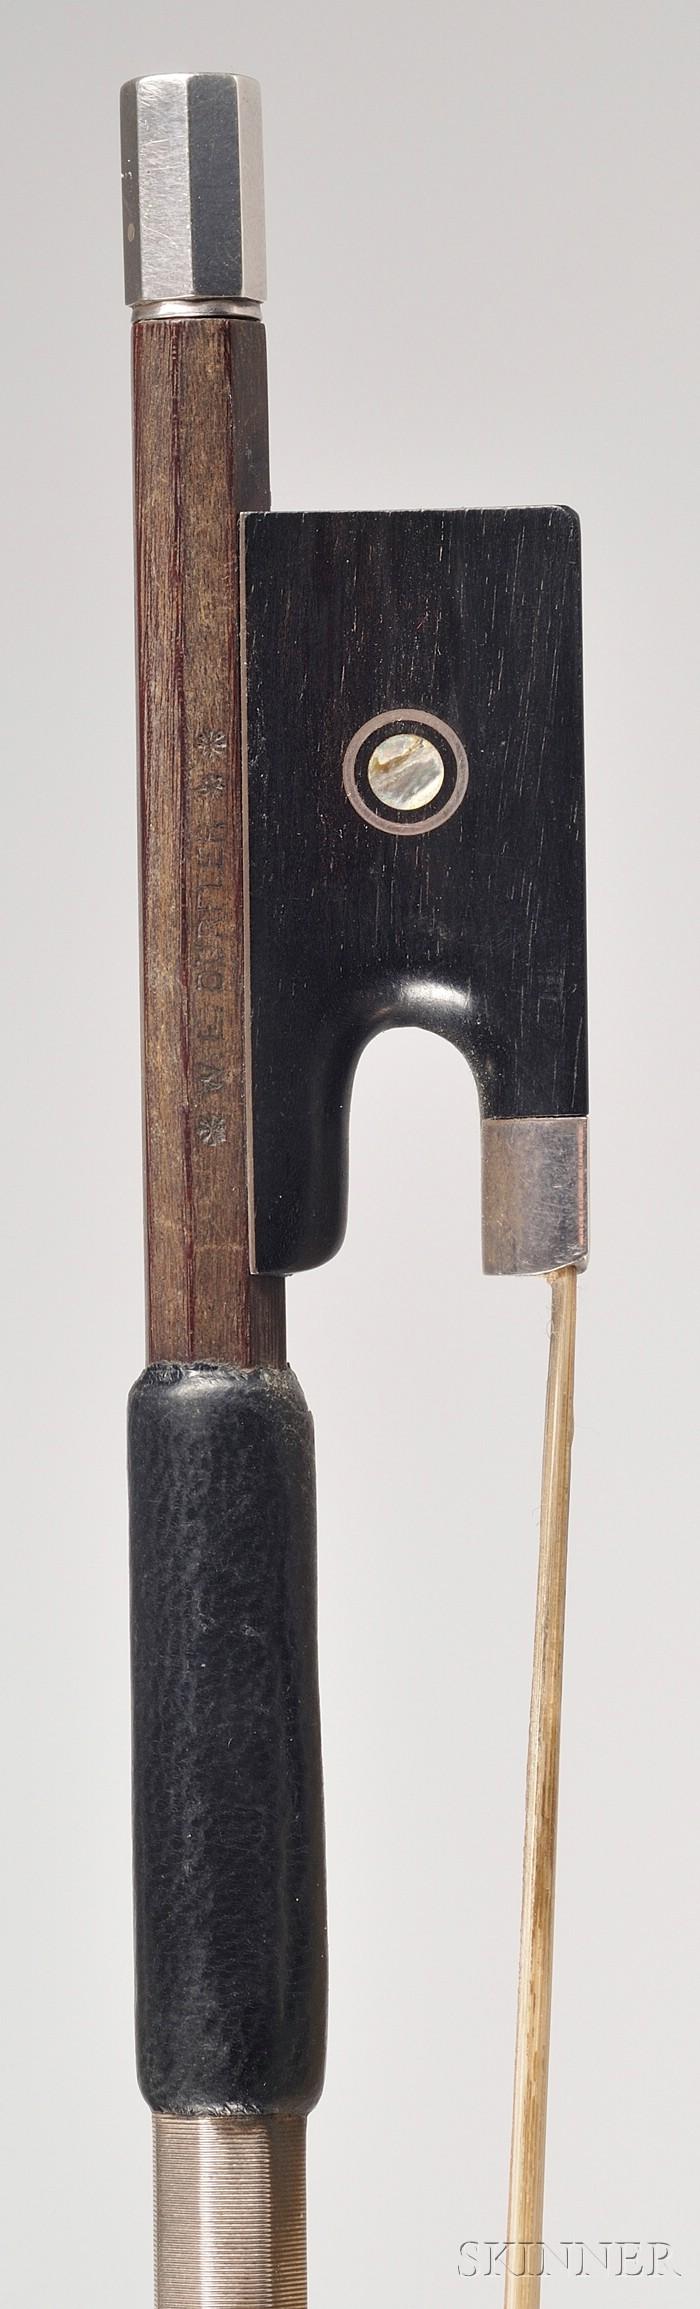 Silver Mounted Violin Bow, Egid Dorfler